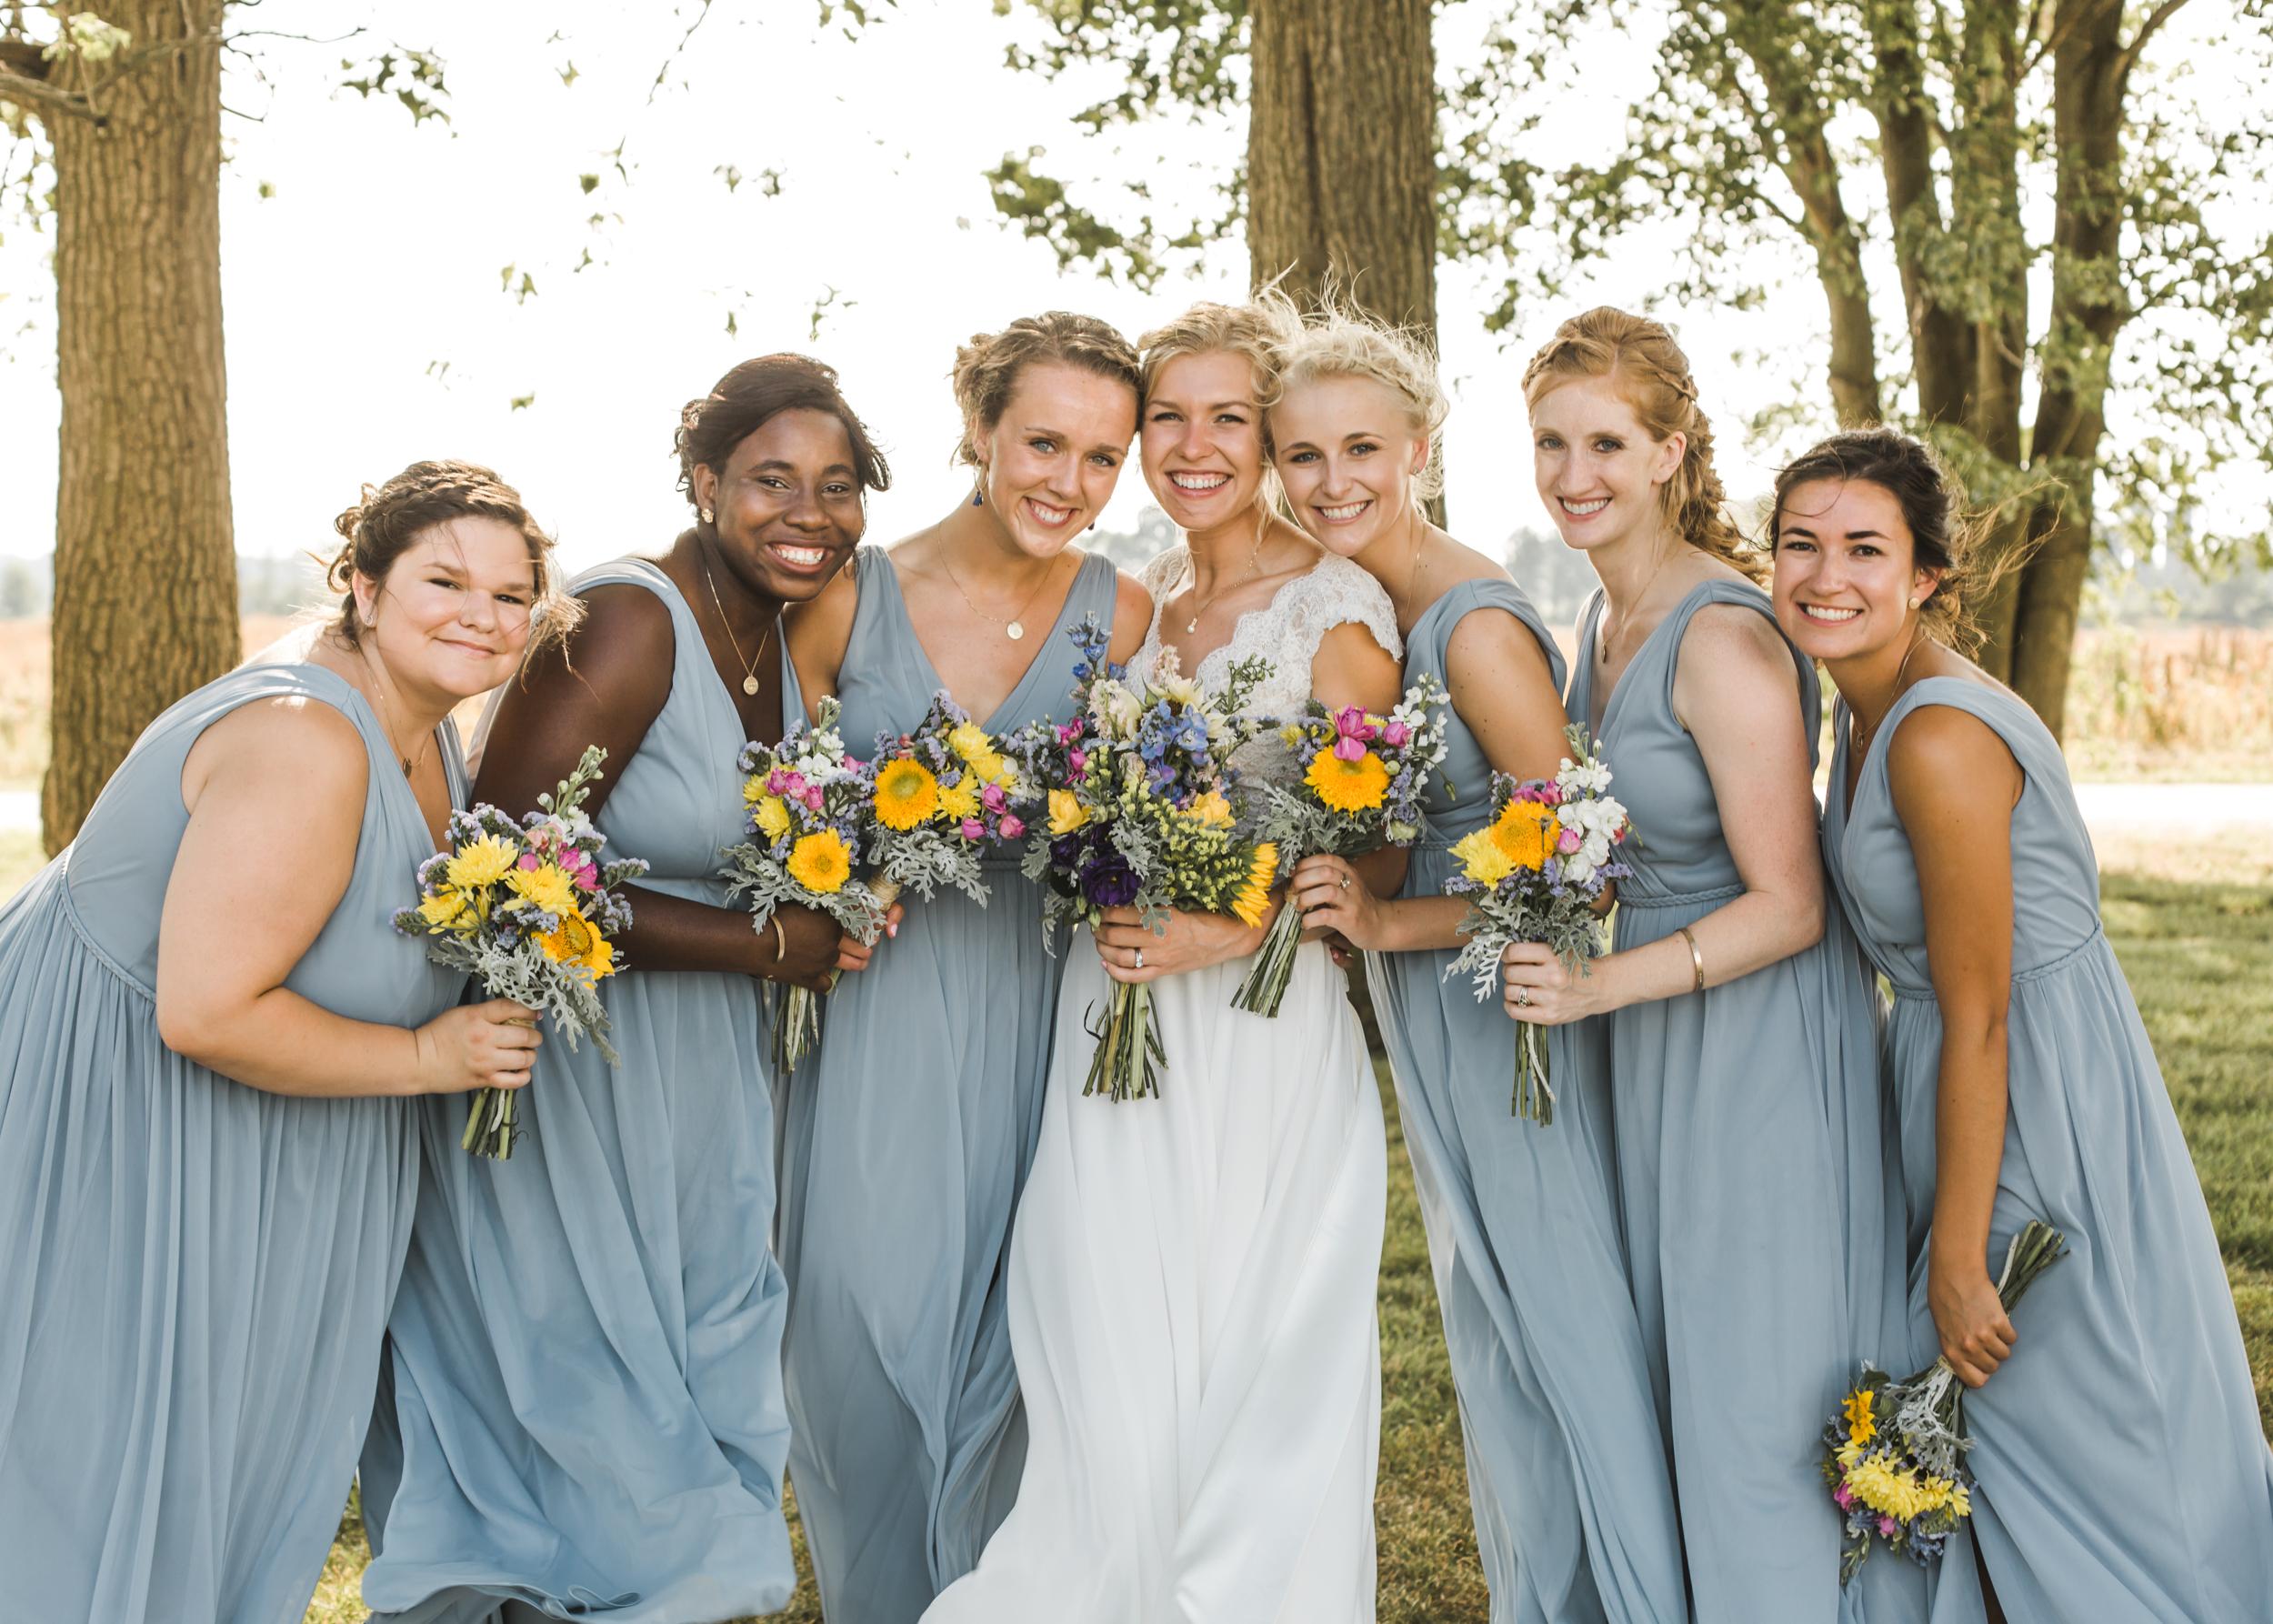 Powder blue wedding, Powder blue bridesmaids, Blue and gold wedding, Backyard Michigan Wedding, Michigan Wedding, Southeast Michigan Wedding, Michigan Wedding Photographer, Rustic Wedding, Simple Wedding